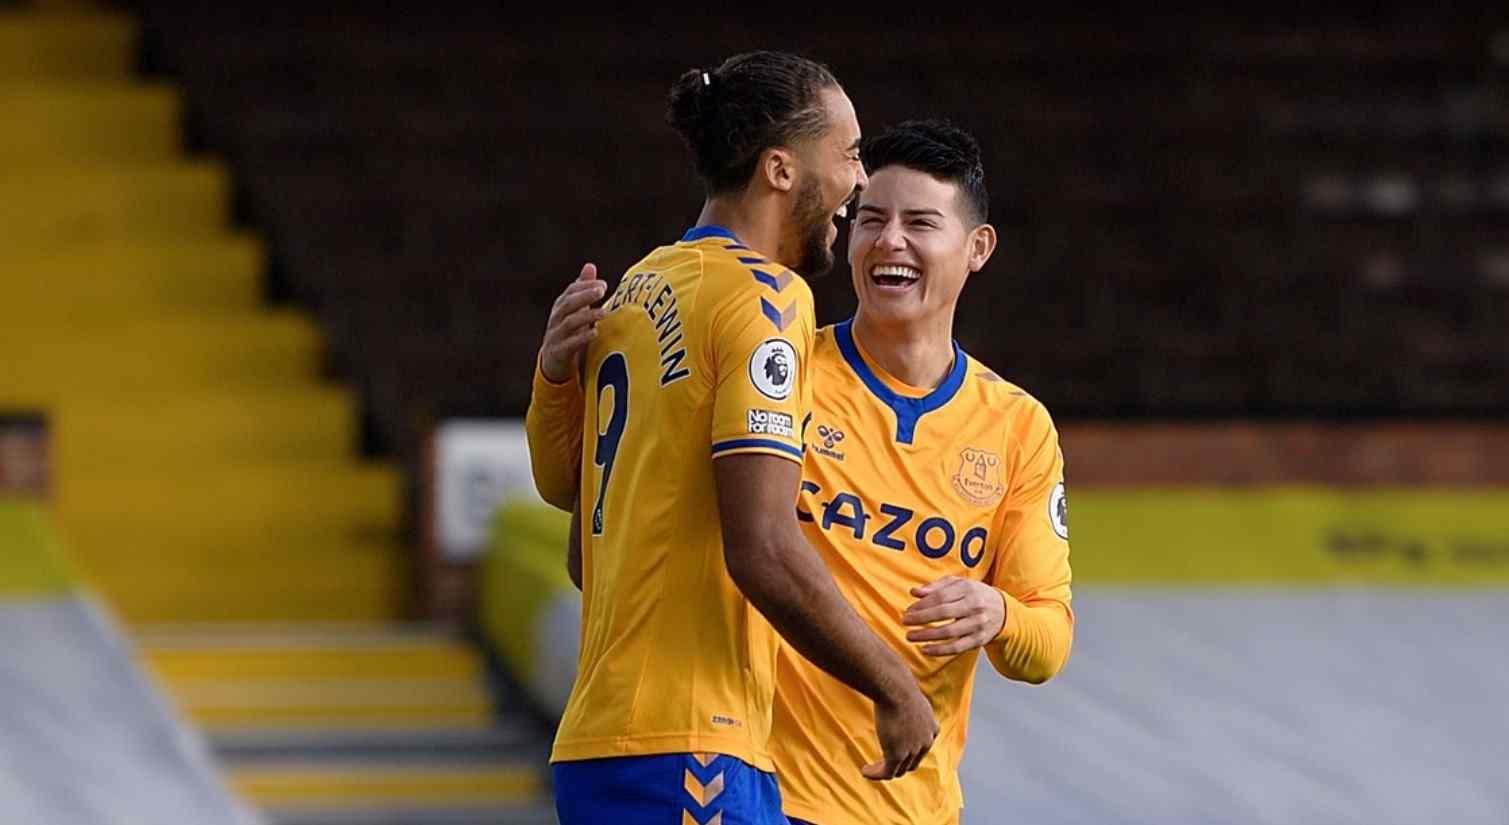 ¿Cómo jugó James Rodríguez contra Fulham?